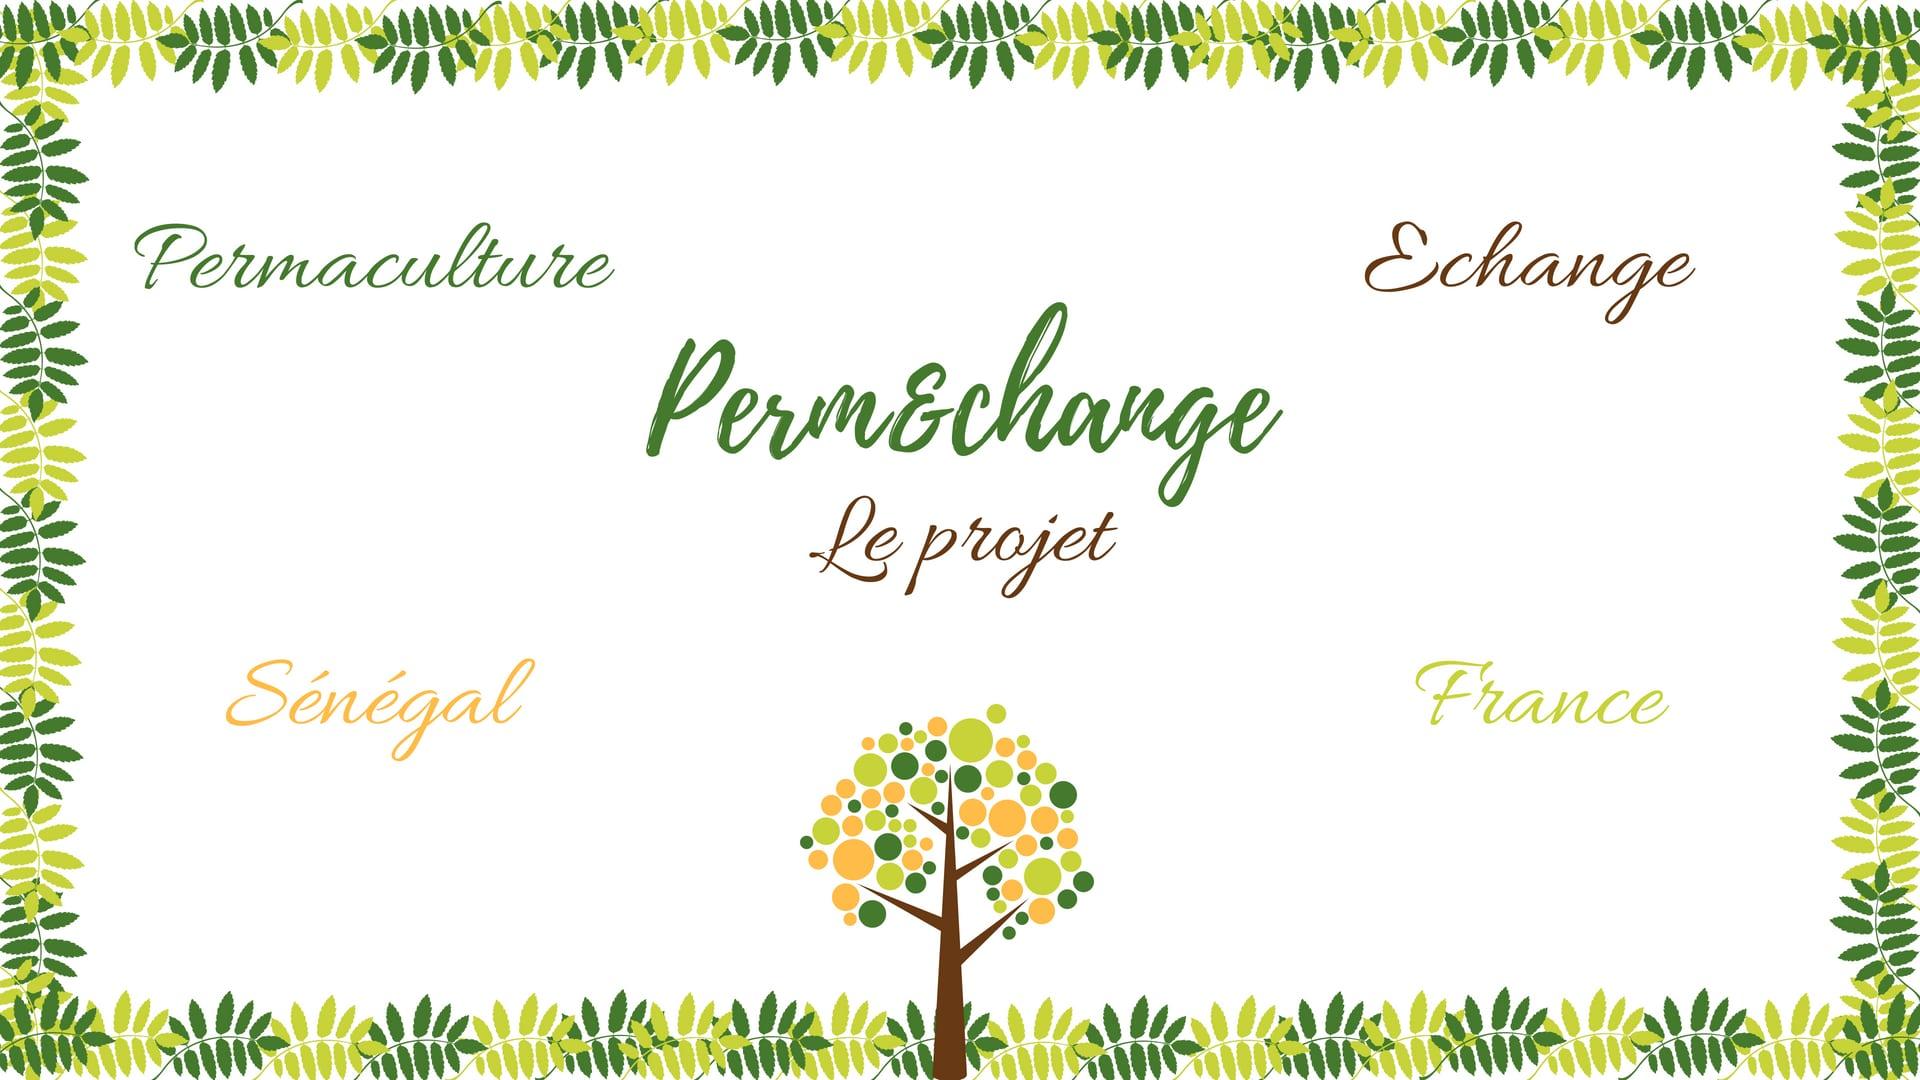 Le projet Perm&change: un projet de permaculute et d'echange en France et au Senegal